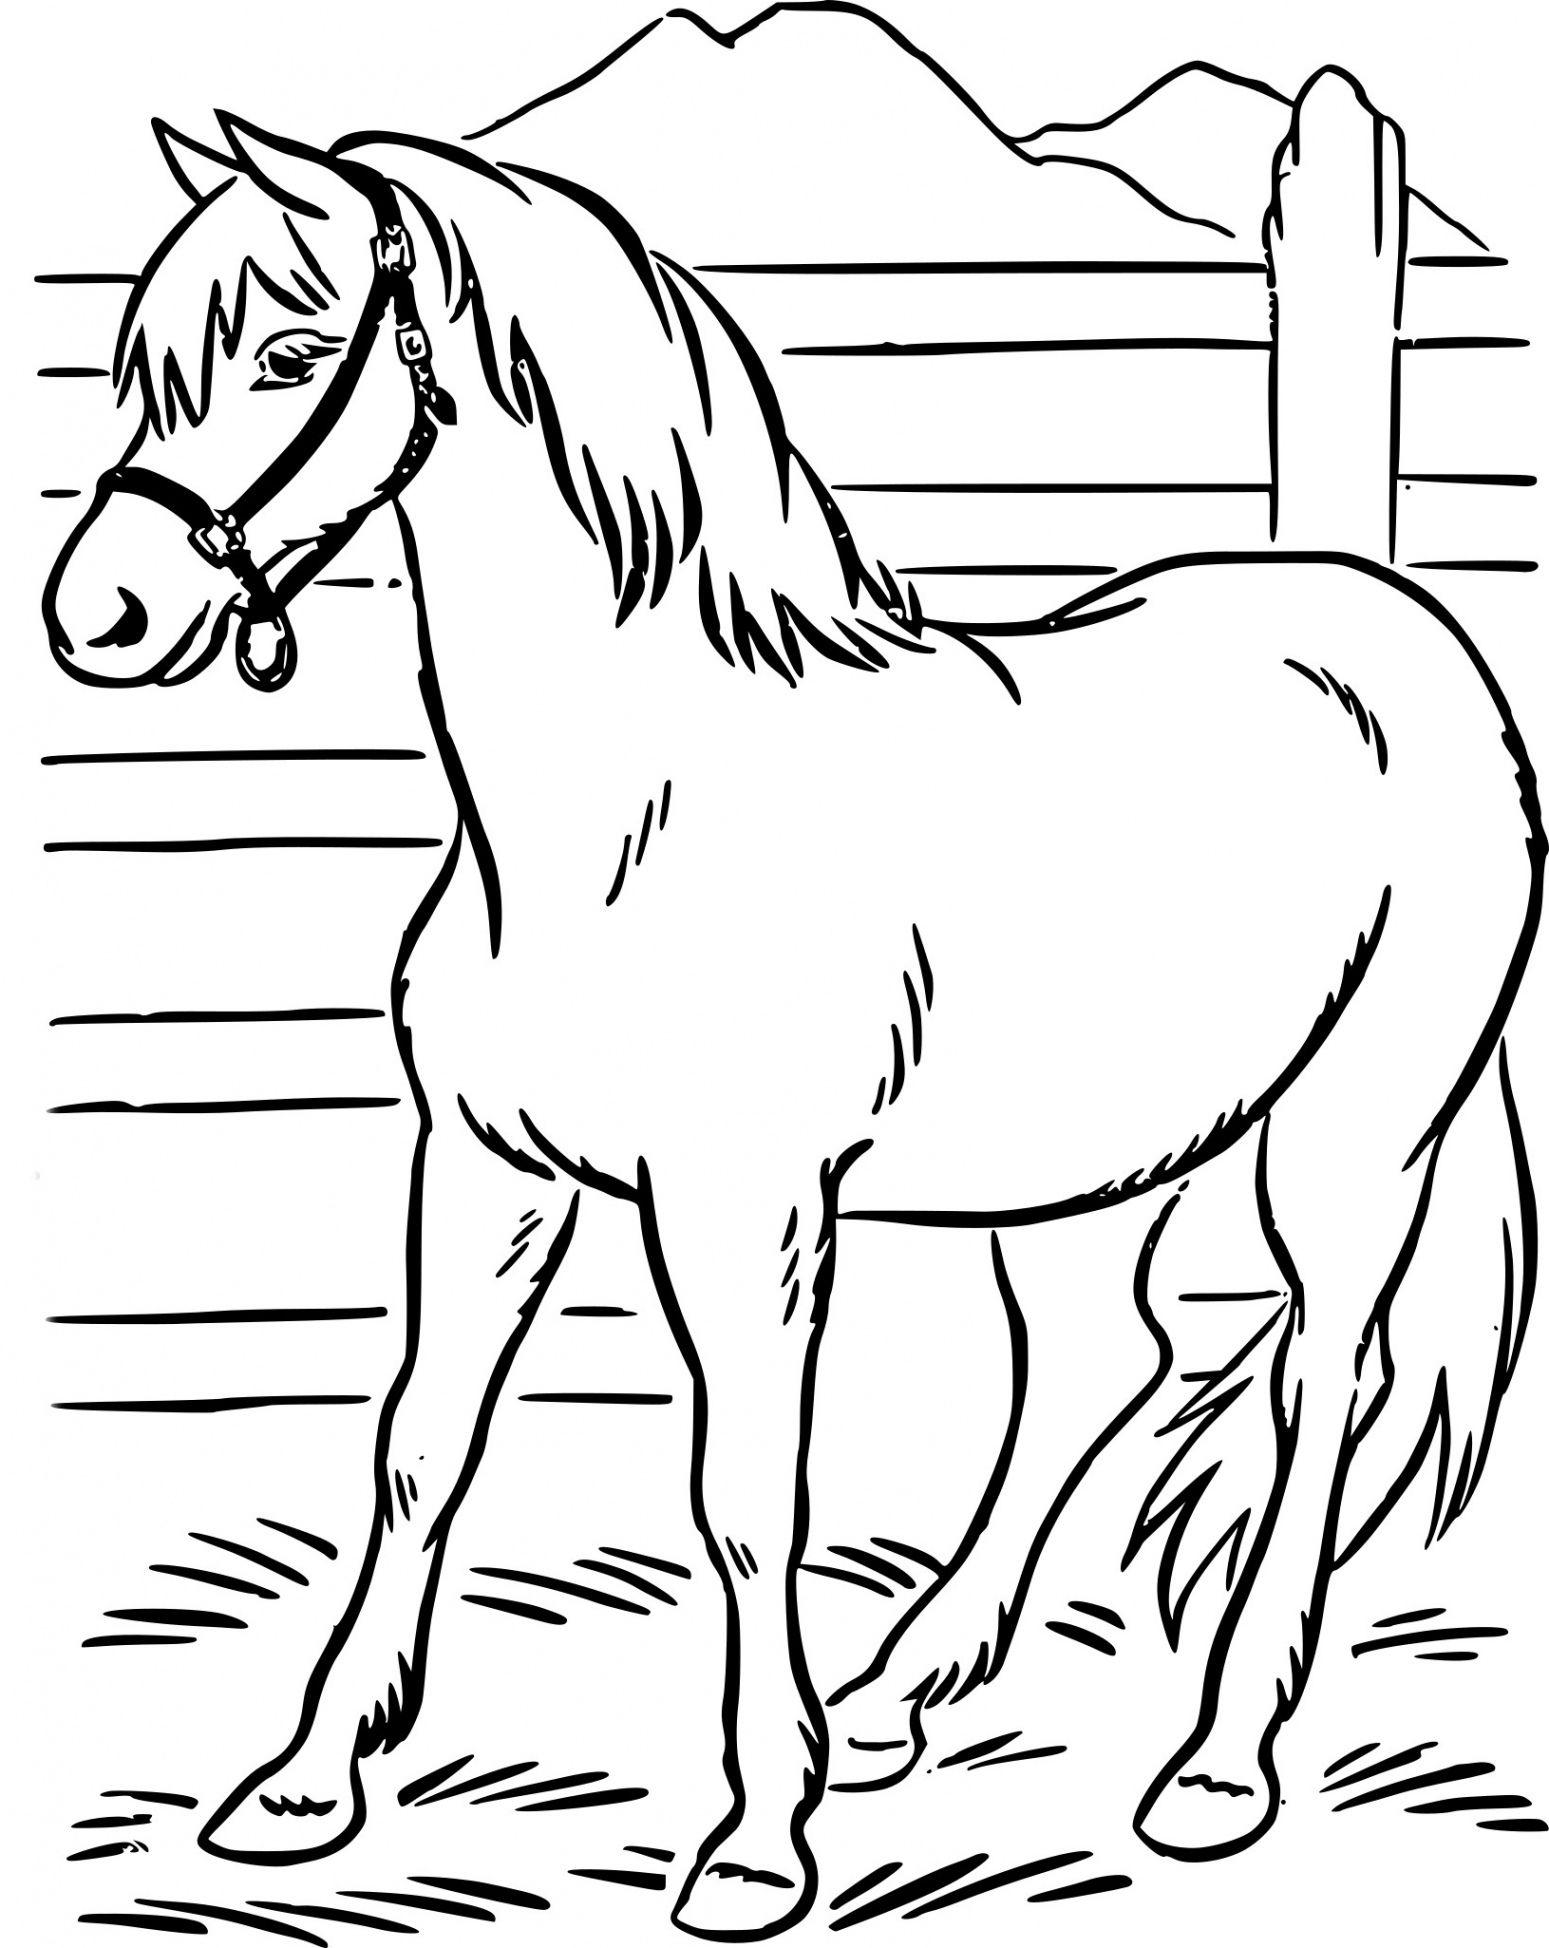 Coloriage De Cheval A Imprimer Printable Coloriage En Ligne Gratuit With Coloriage En Ligne De Cheval Animal Coloring Books Coloring Books Horse Coloring Pages